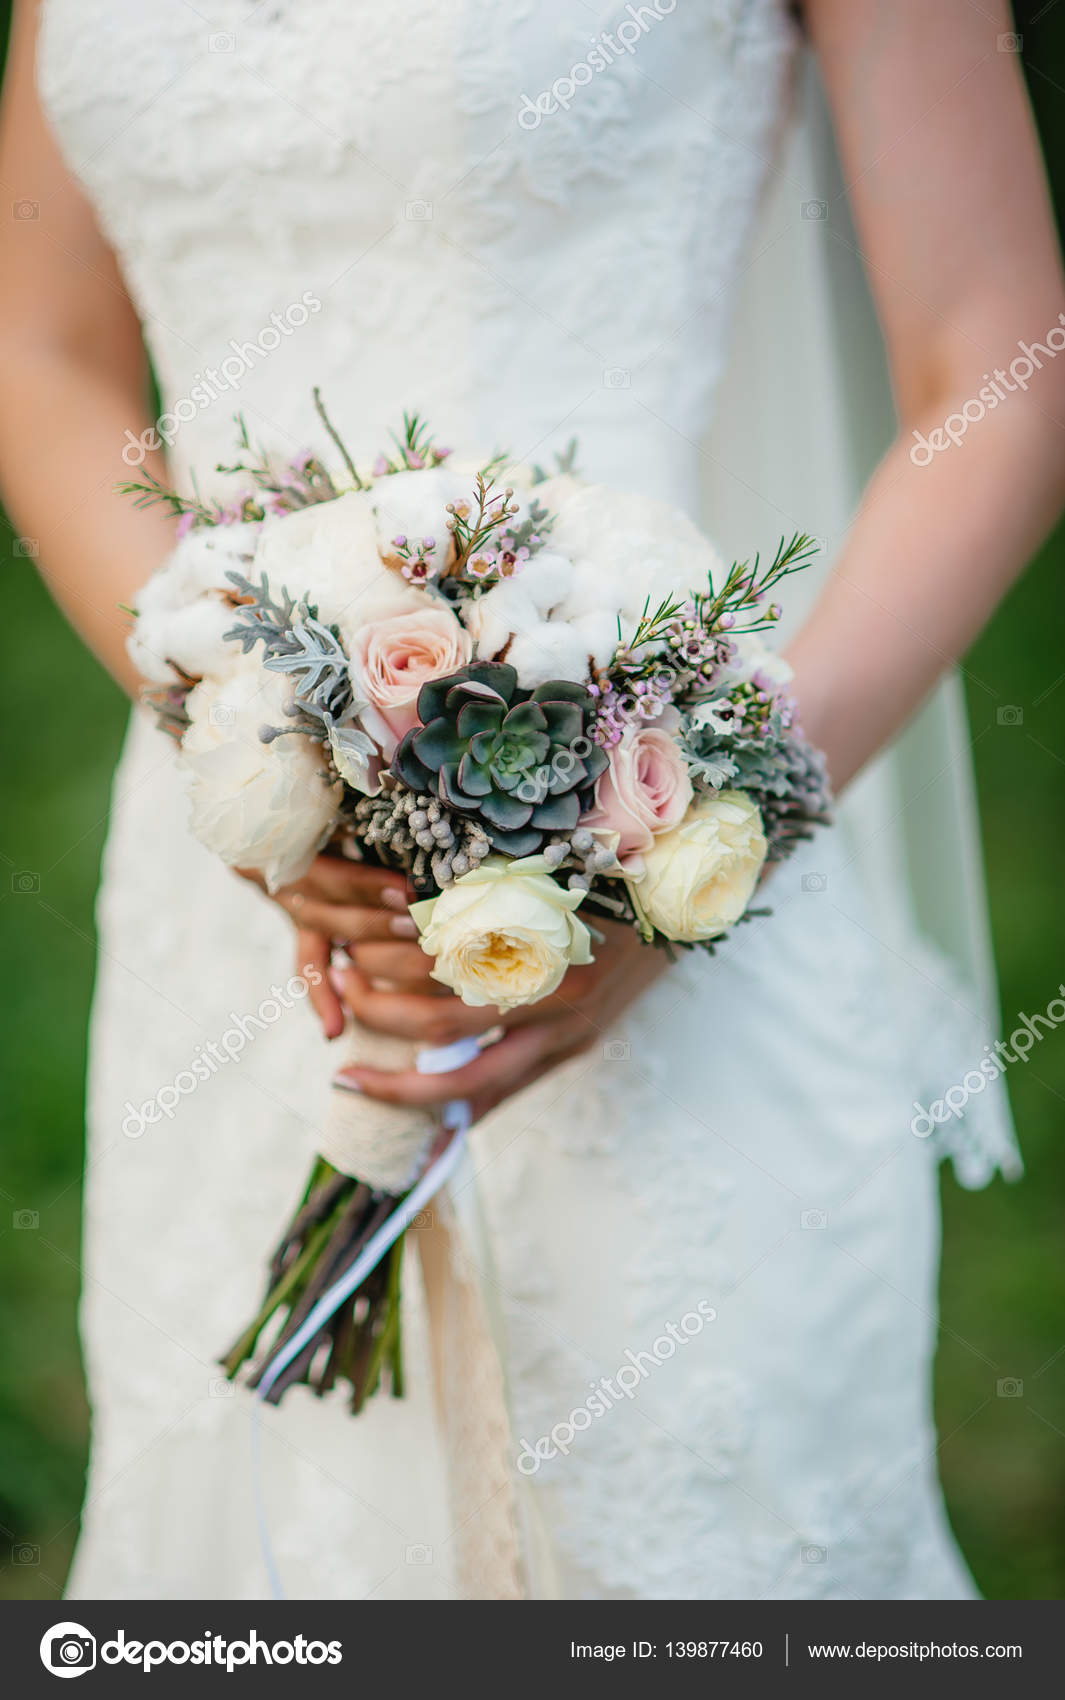 La Mariee Tenant Un Bouquet Fleurs De Mariage Flou Artistique